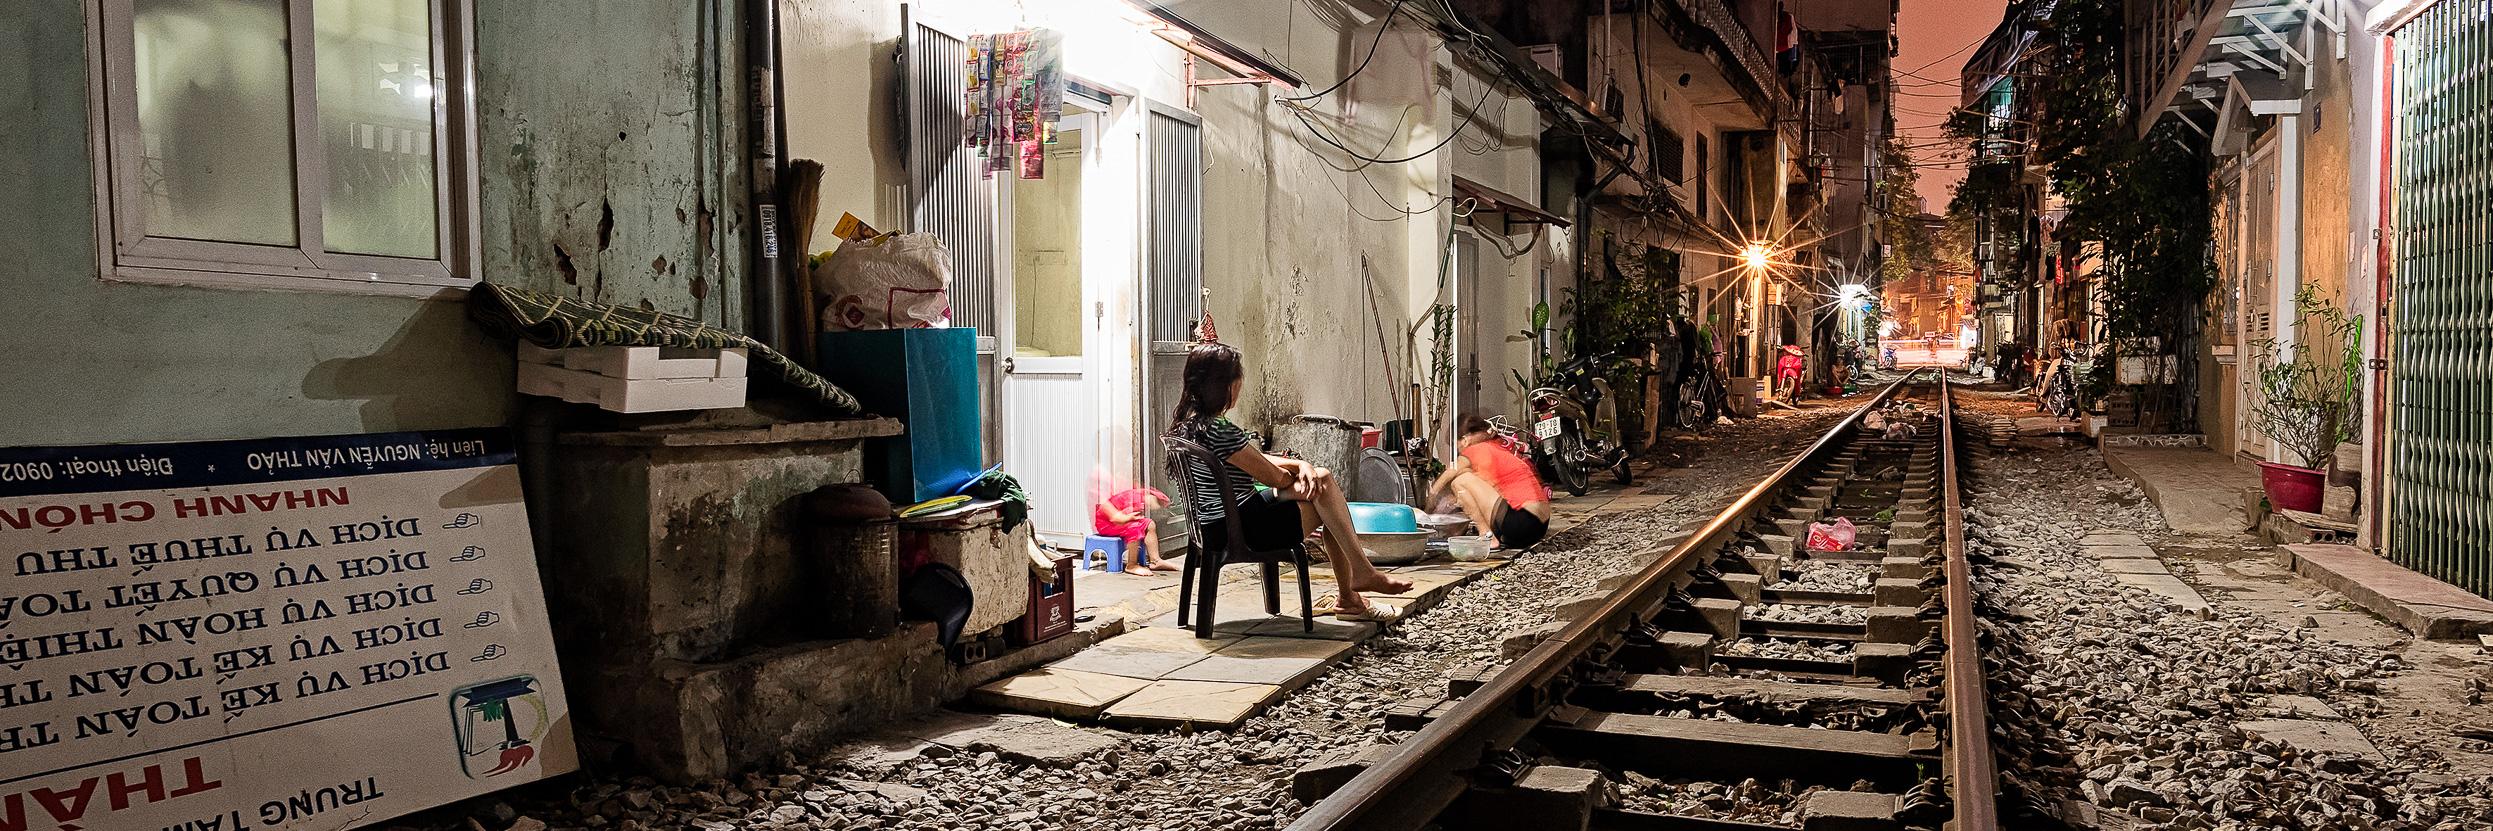 TRAIN TRACKS OF HANOI · Urs Zihlmann